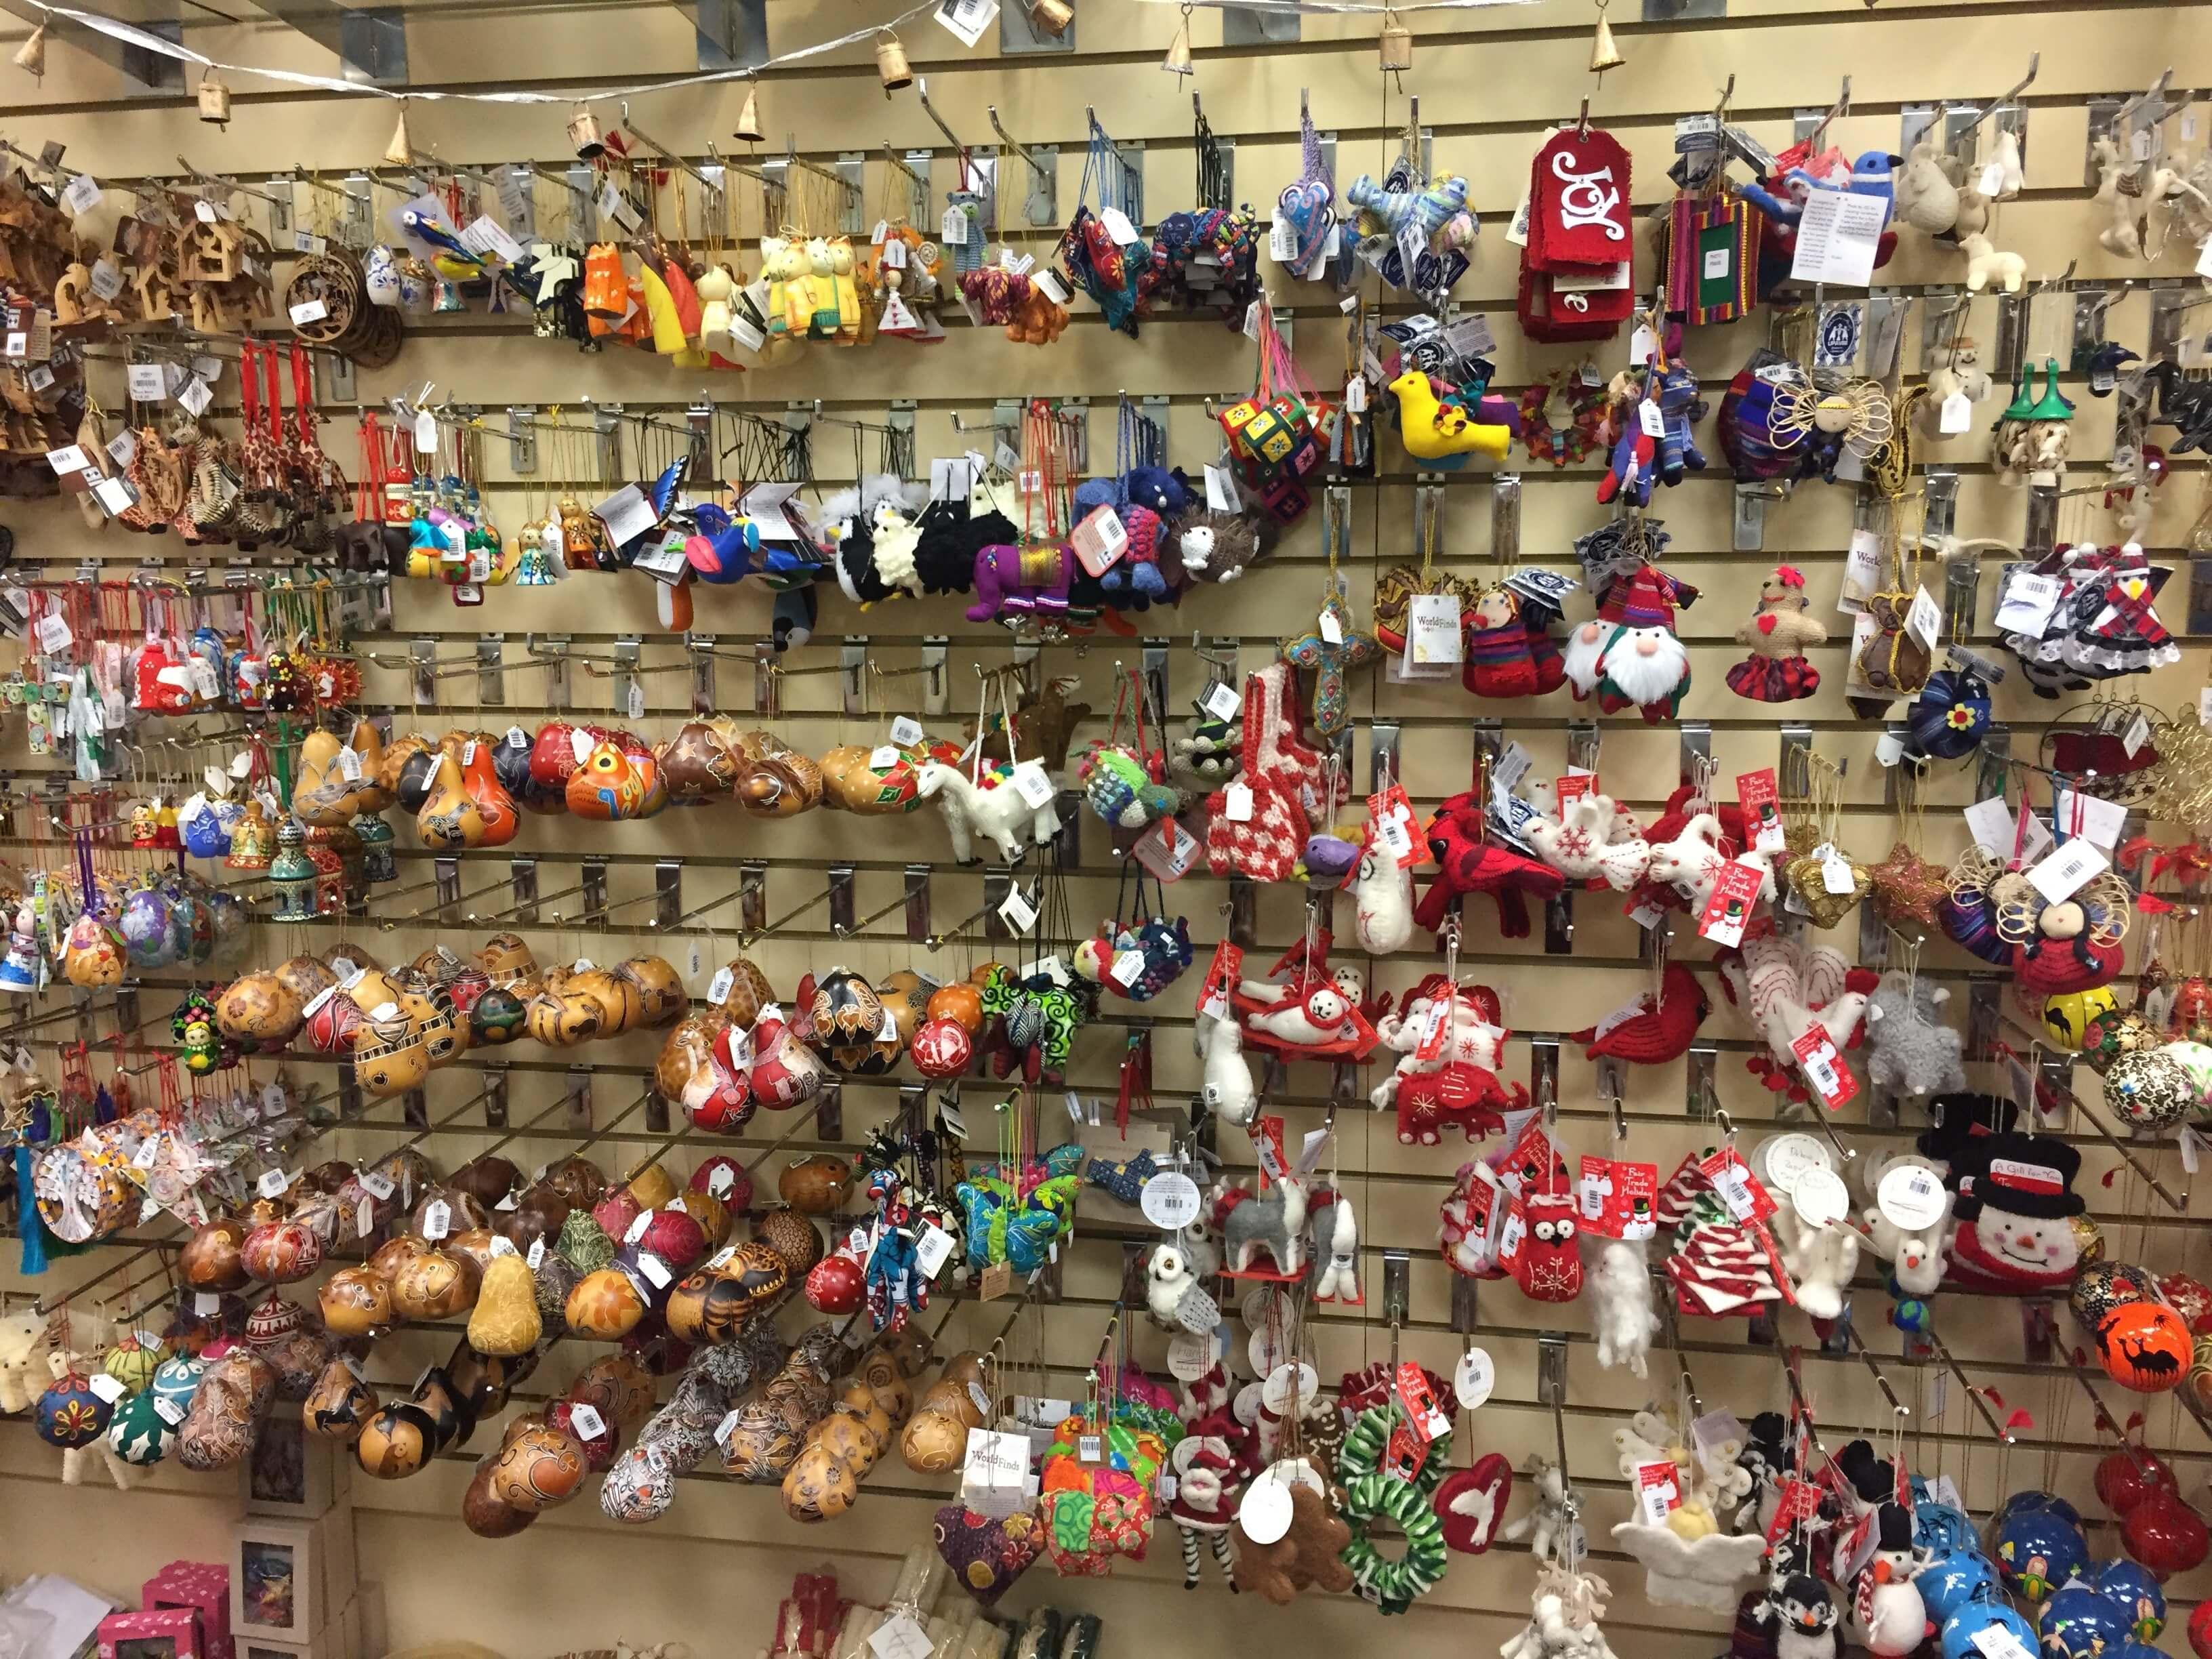 2 - ornaments